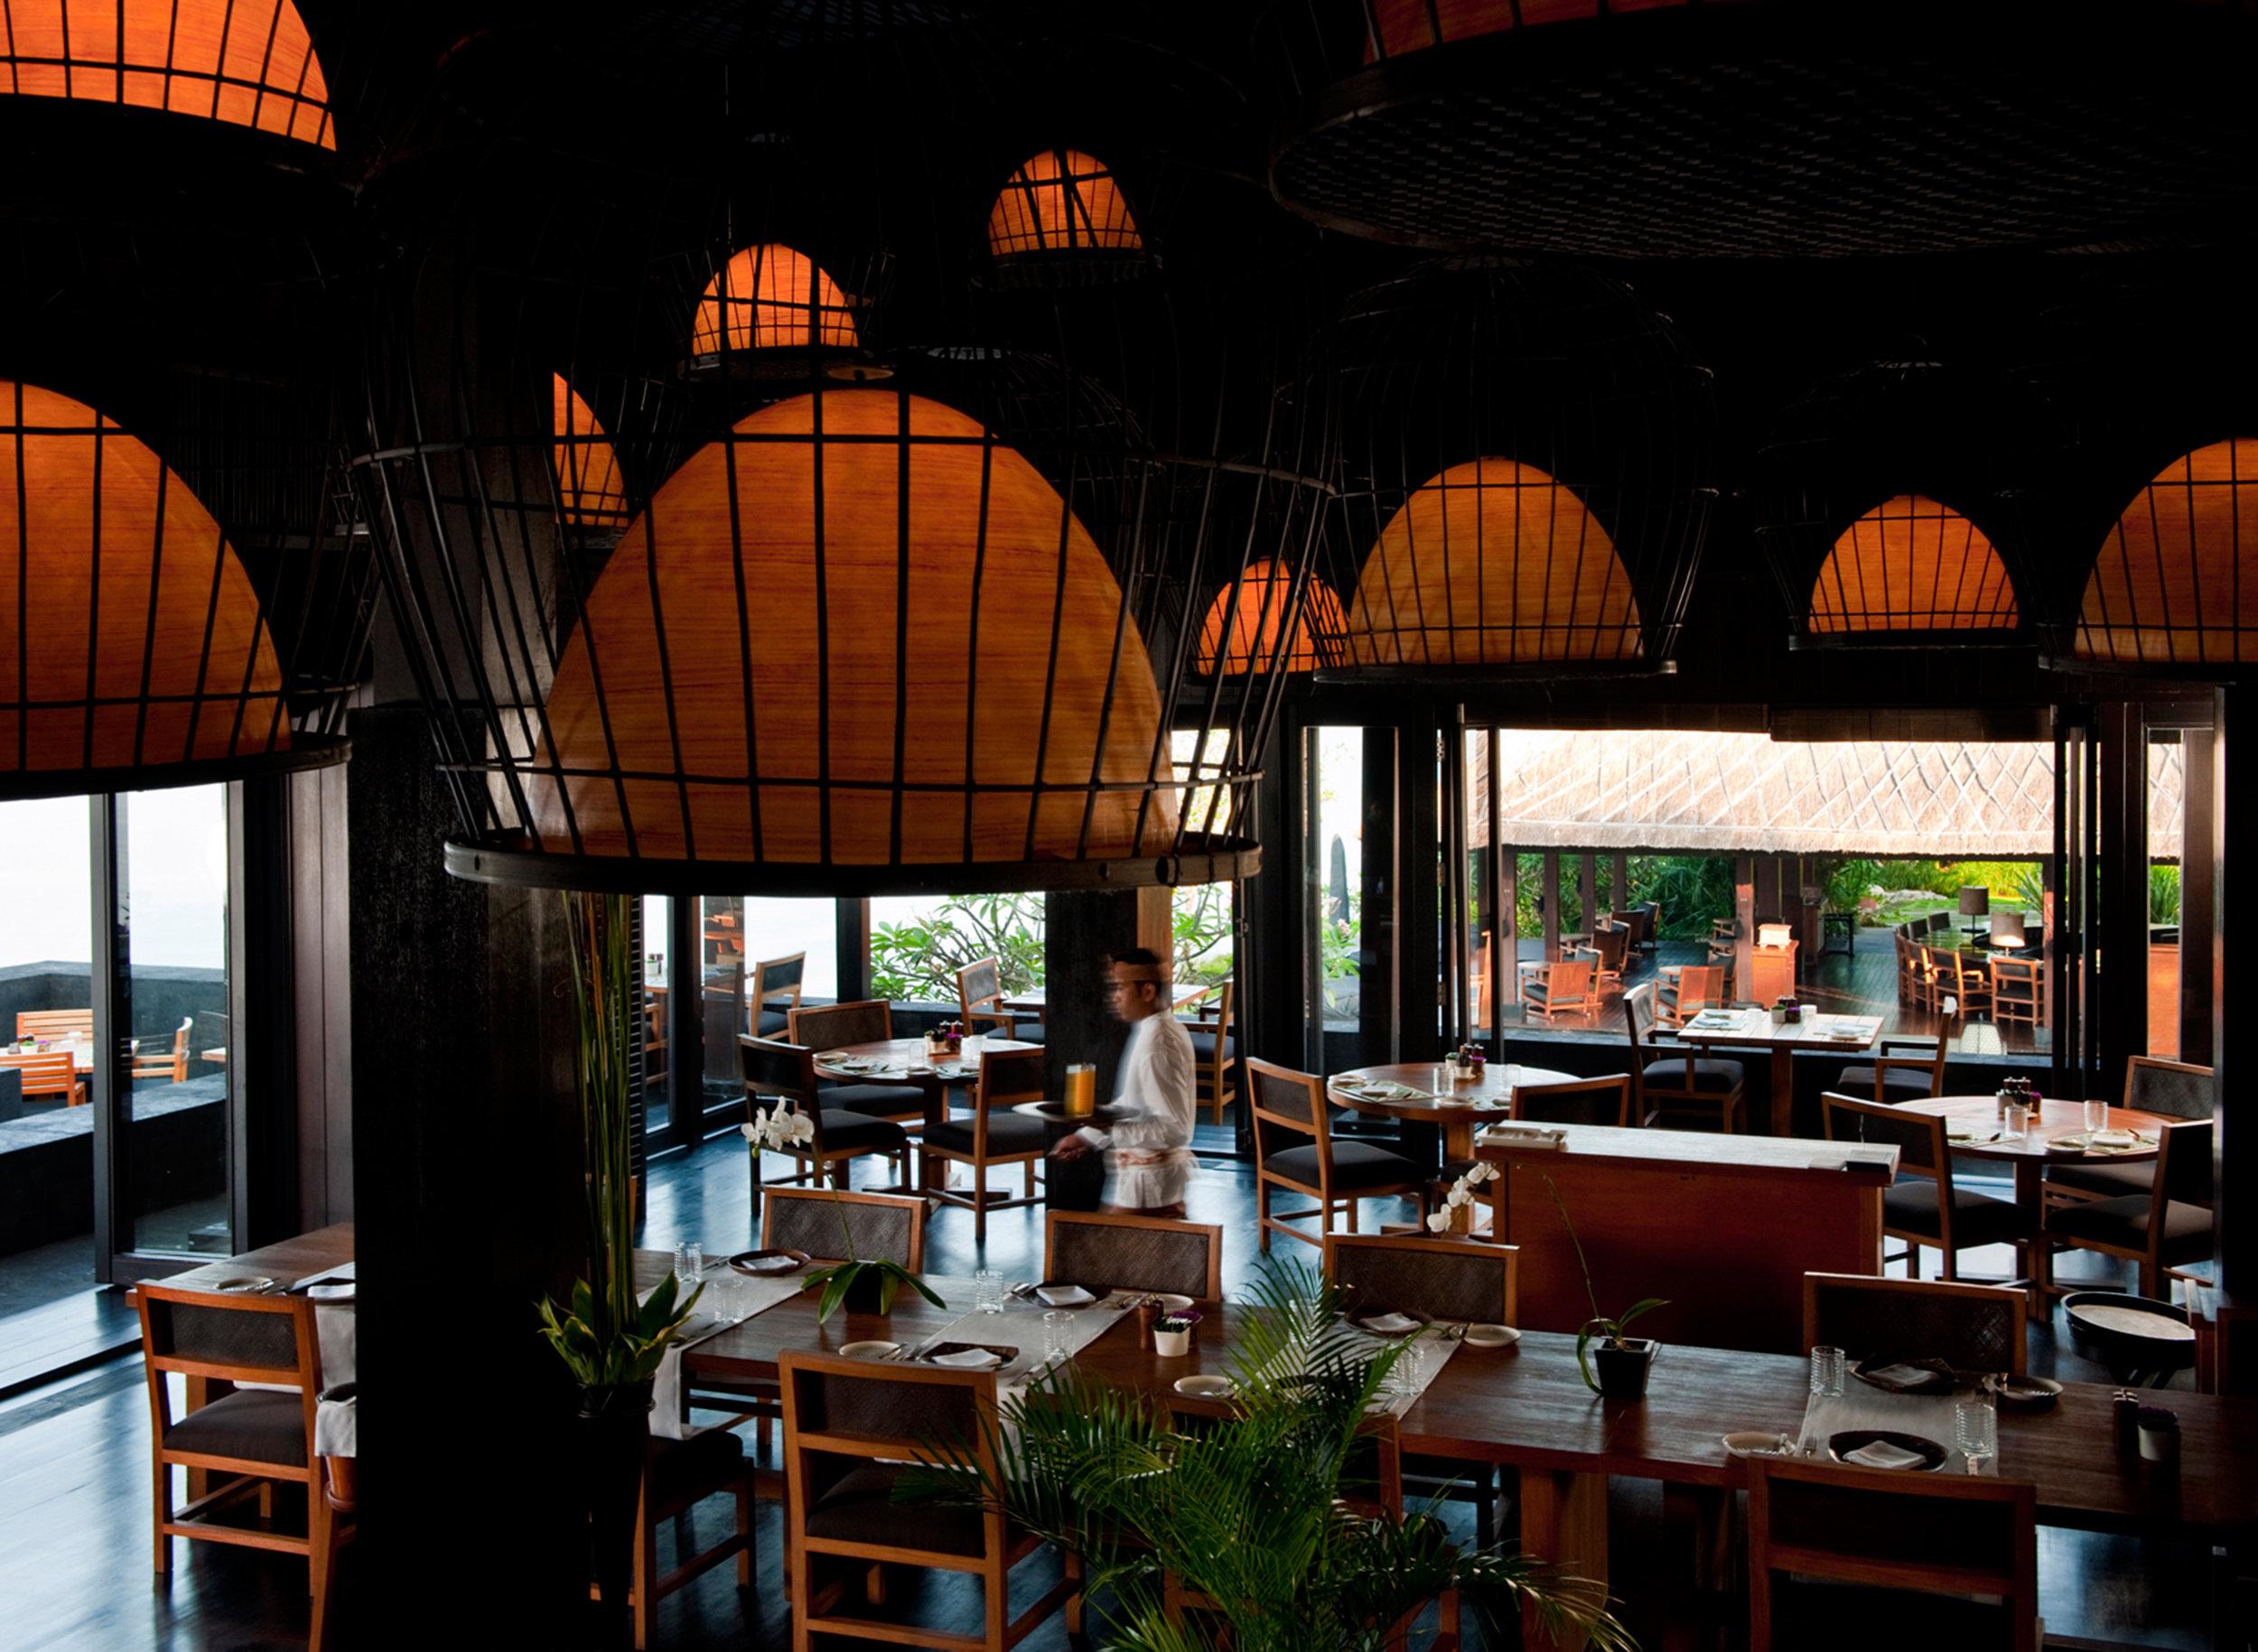 The Sangkar Restaurant